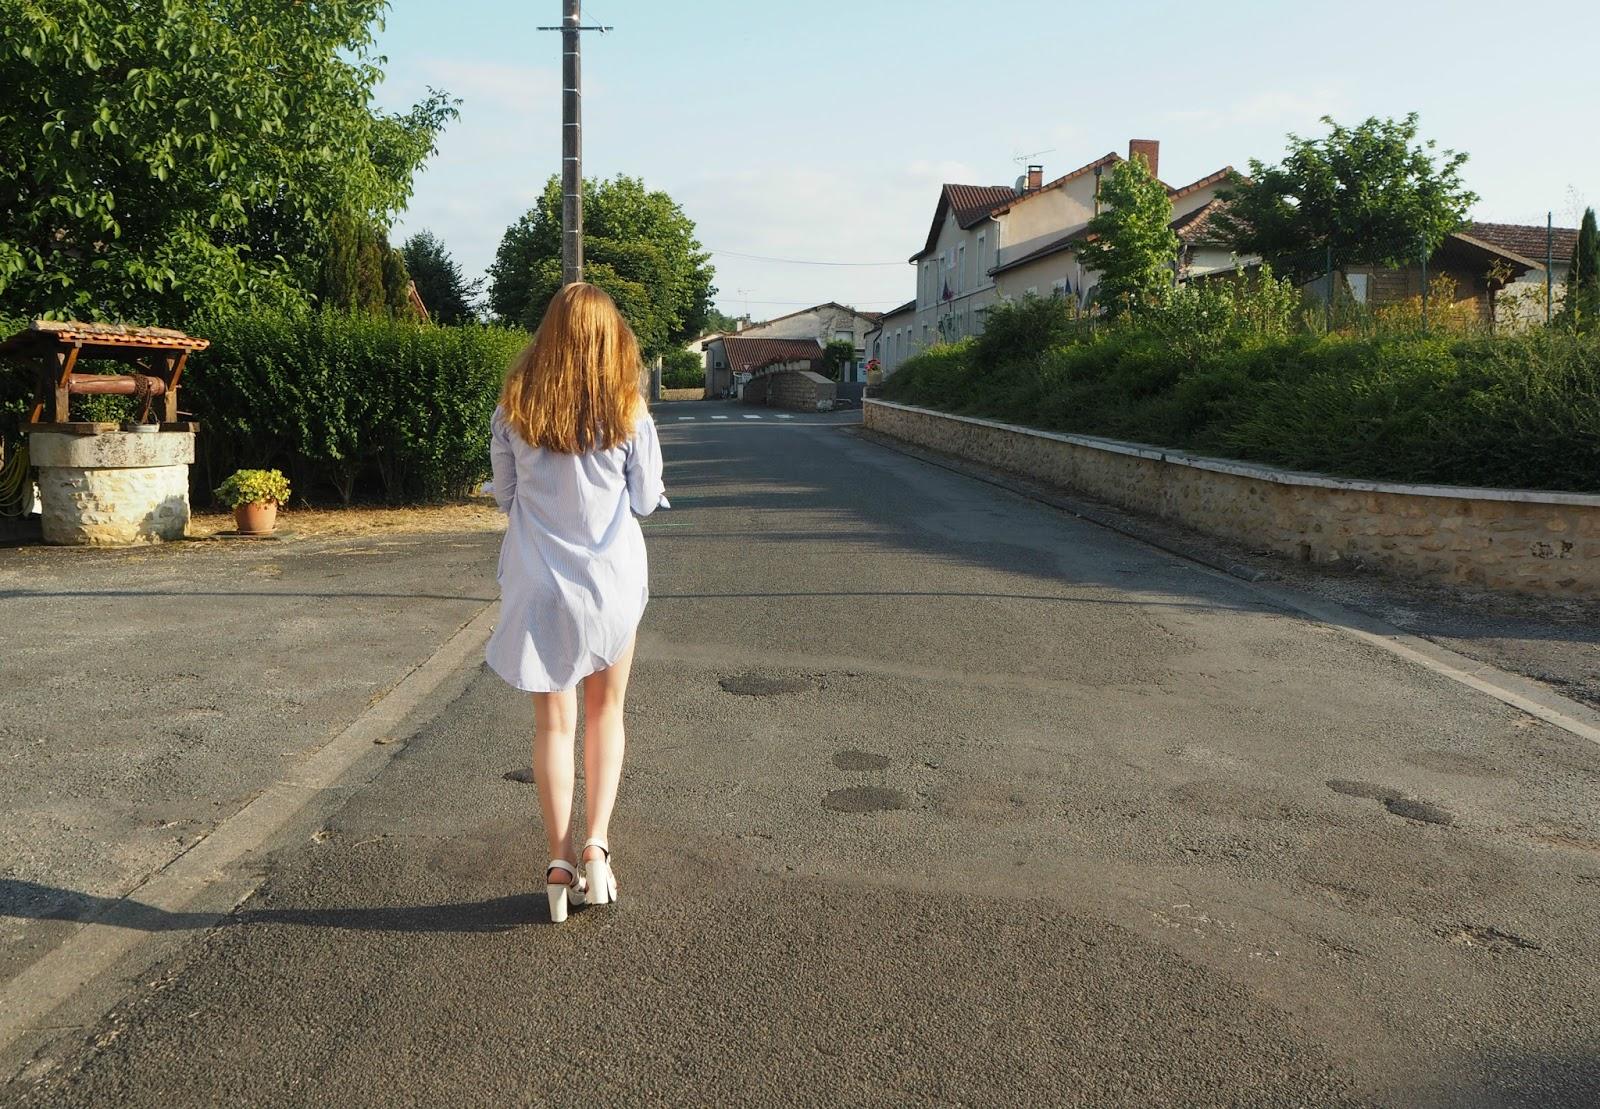 Sarah walking